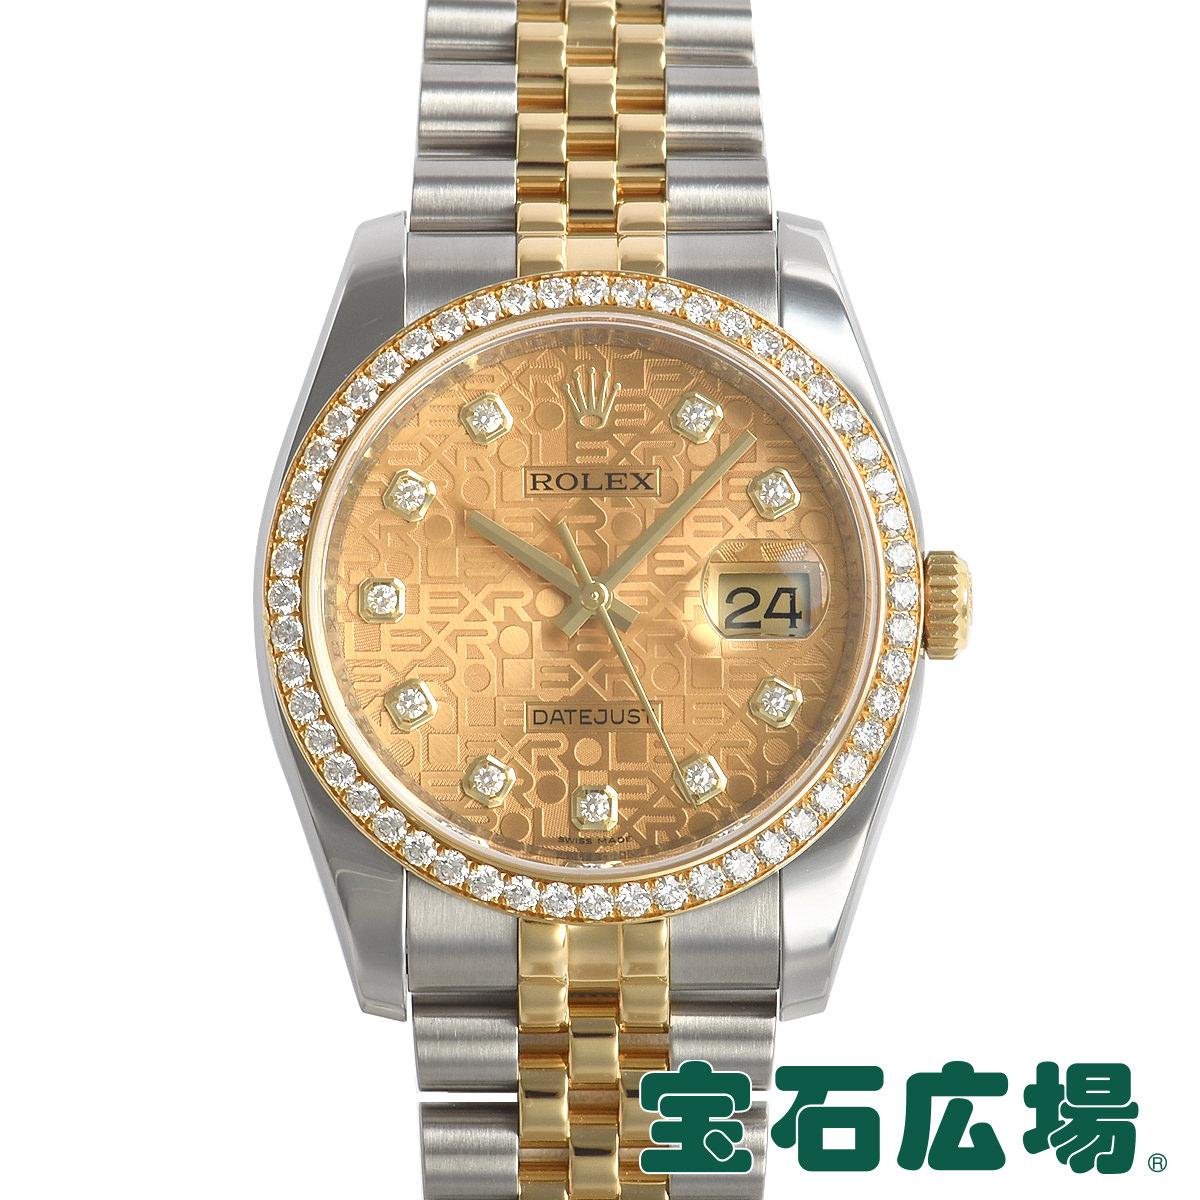 ロレックス ROLEX デイトジャスト 116243G【中古】メンズ 腕時計 送料・代引手数料無料